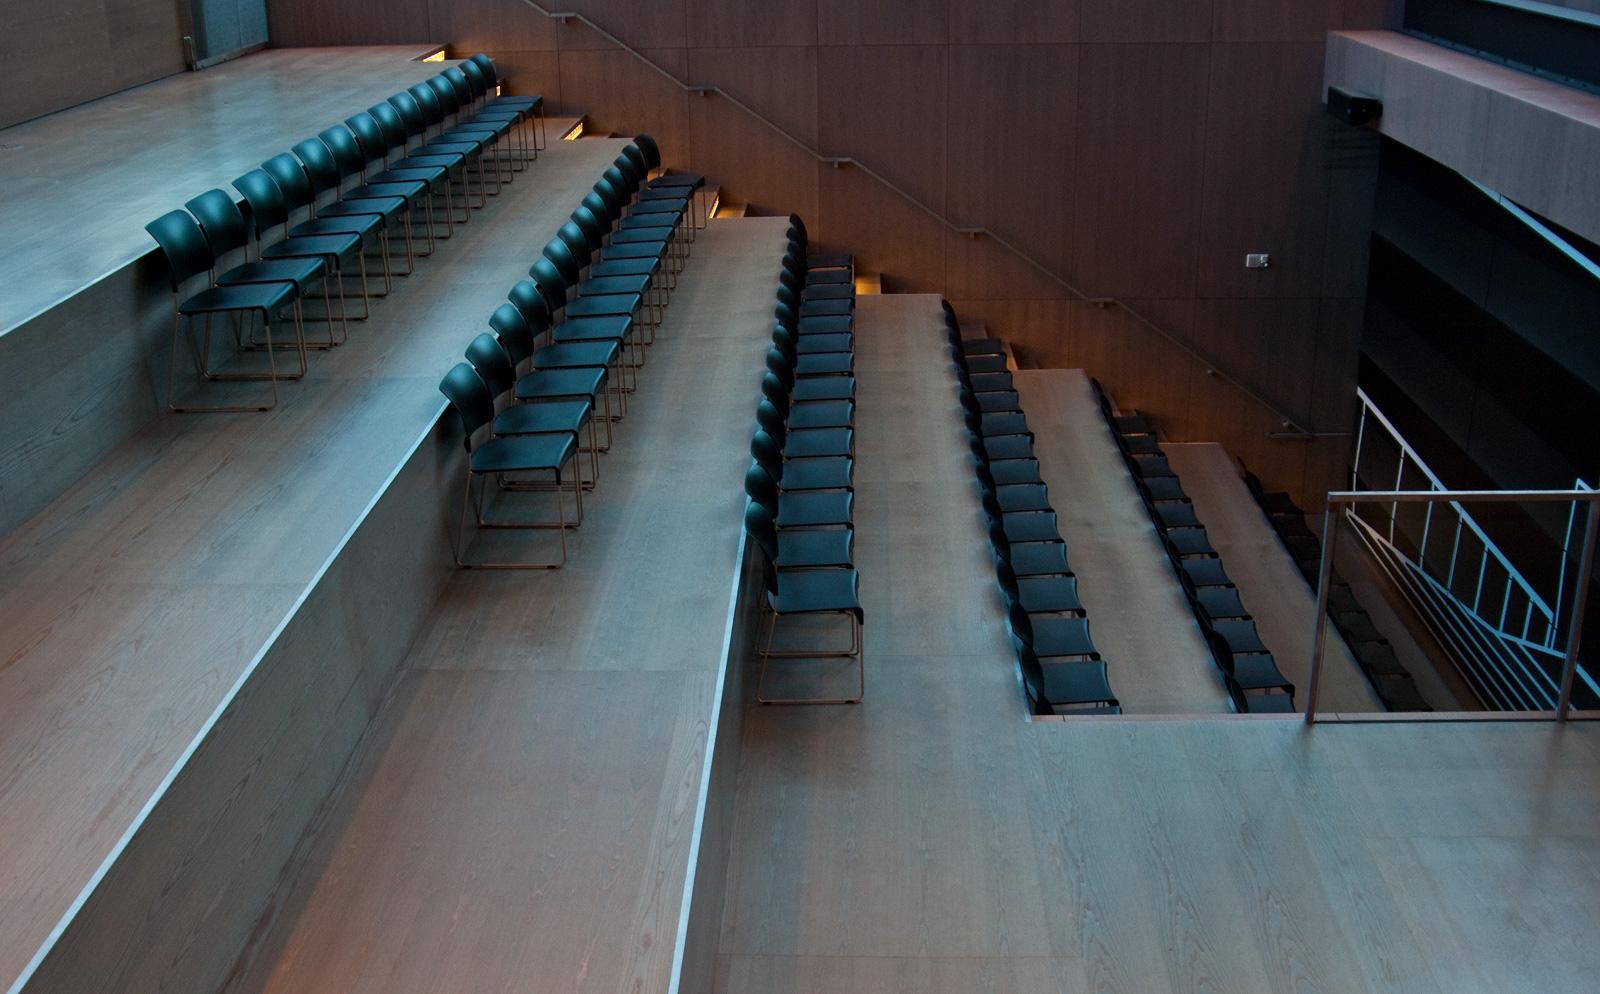 chair steps